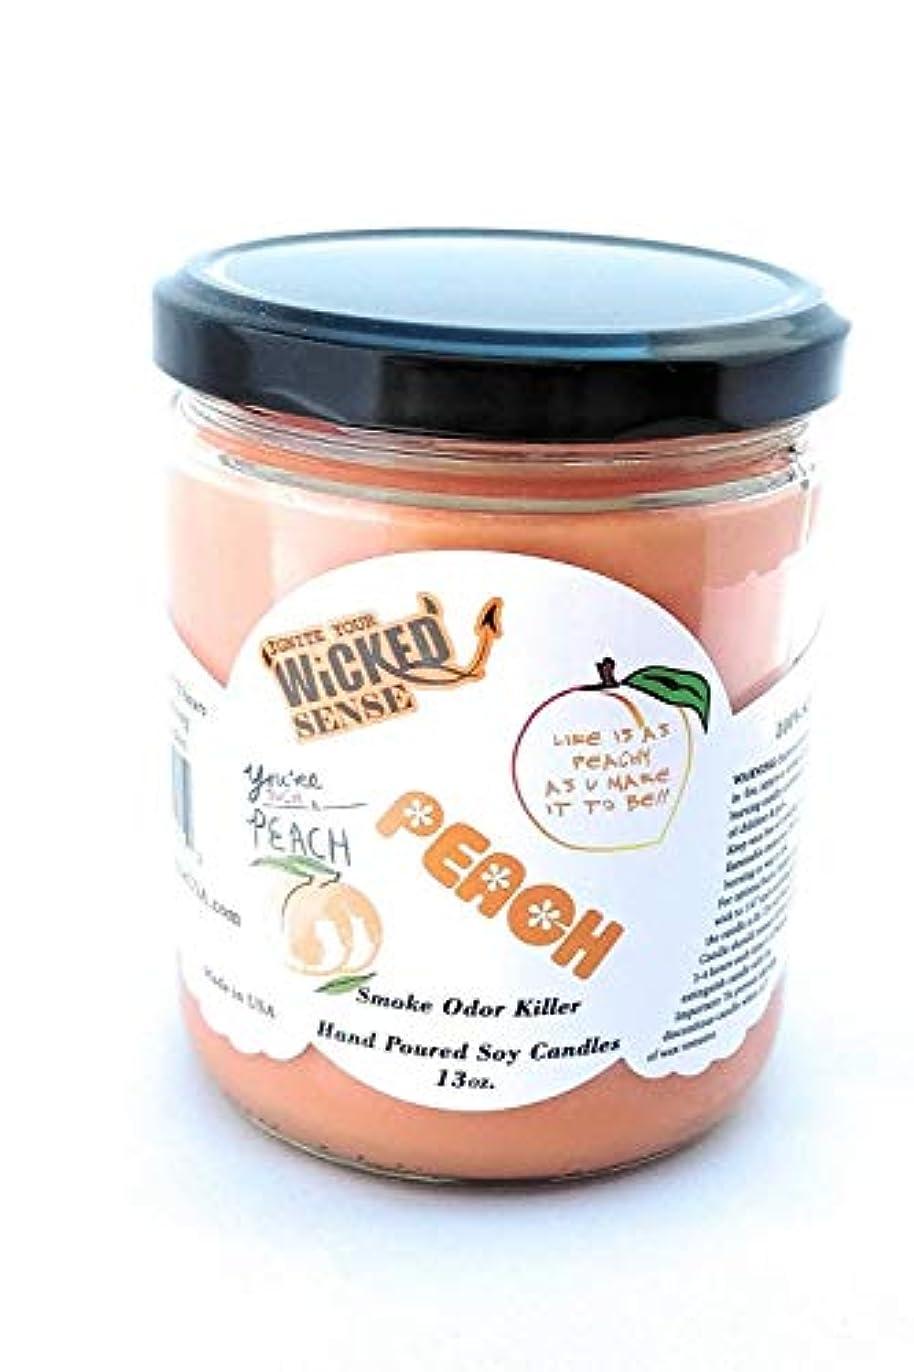 虹死傷者血統Wicked Sense Peach Scented Candle大豆ワックス) 13 oz オレンジ